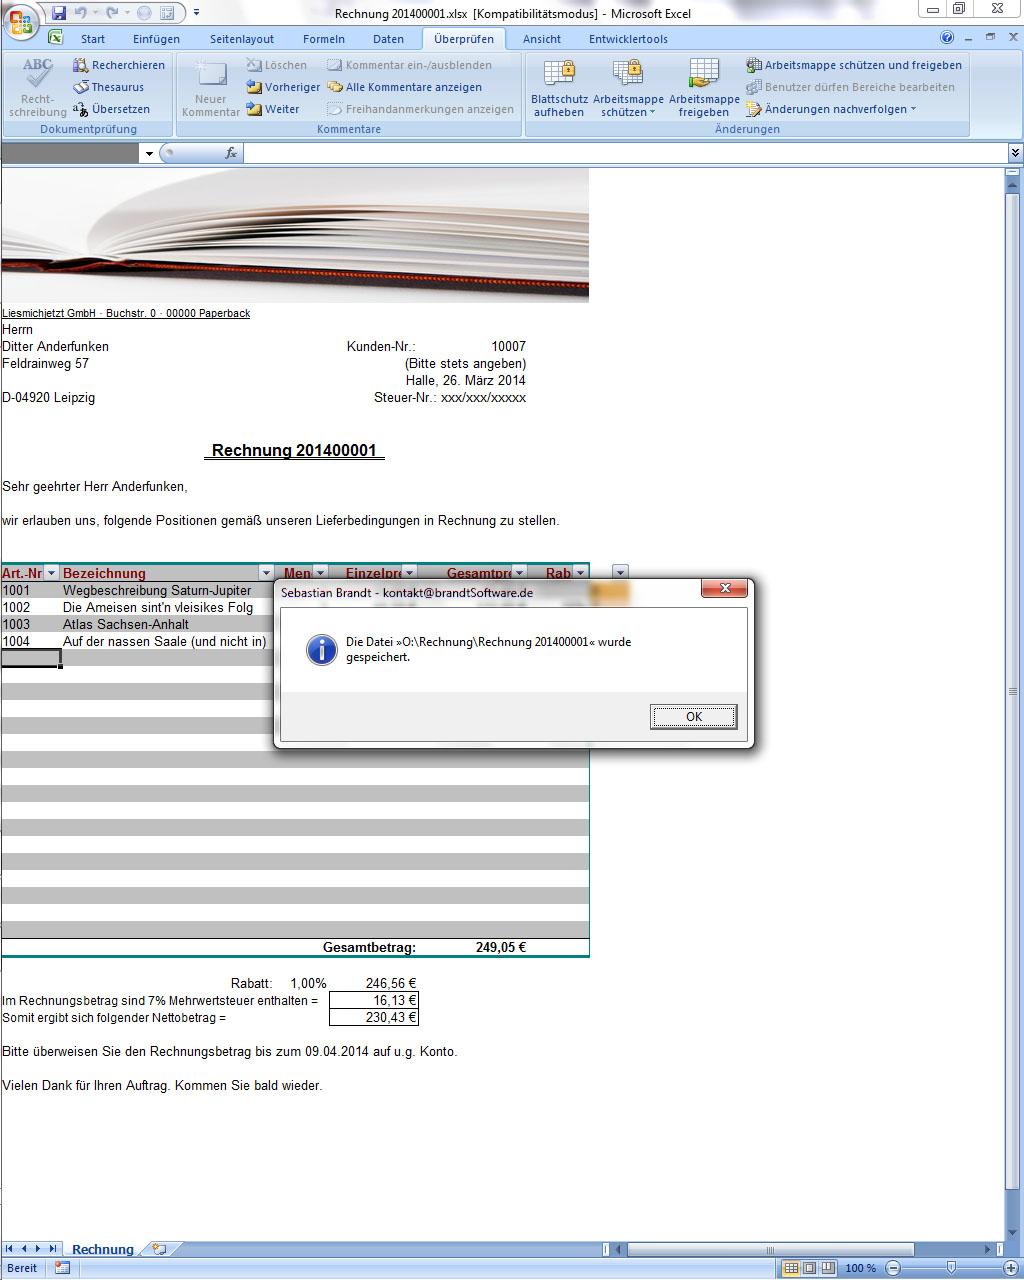 Rechnungsformular Für Excel Freeware Brandtsoftware